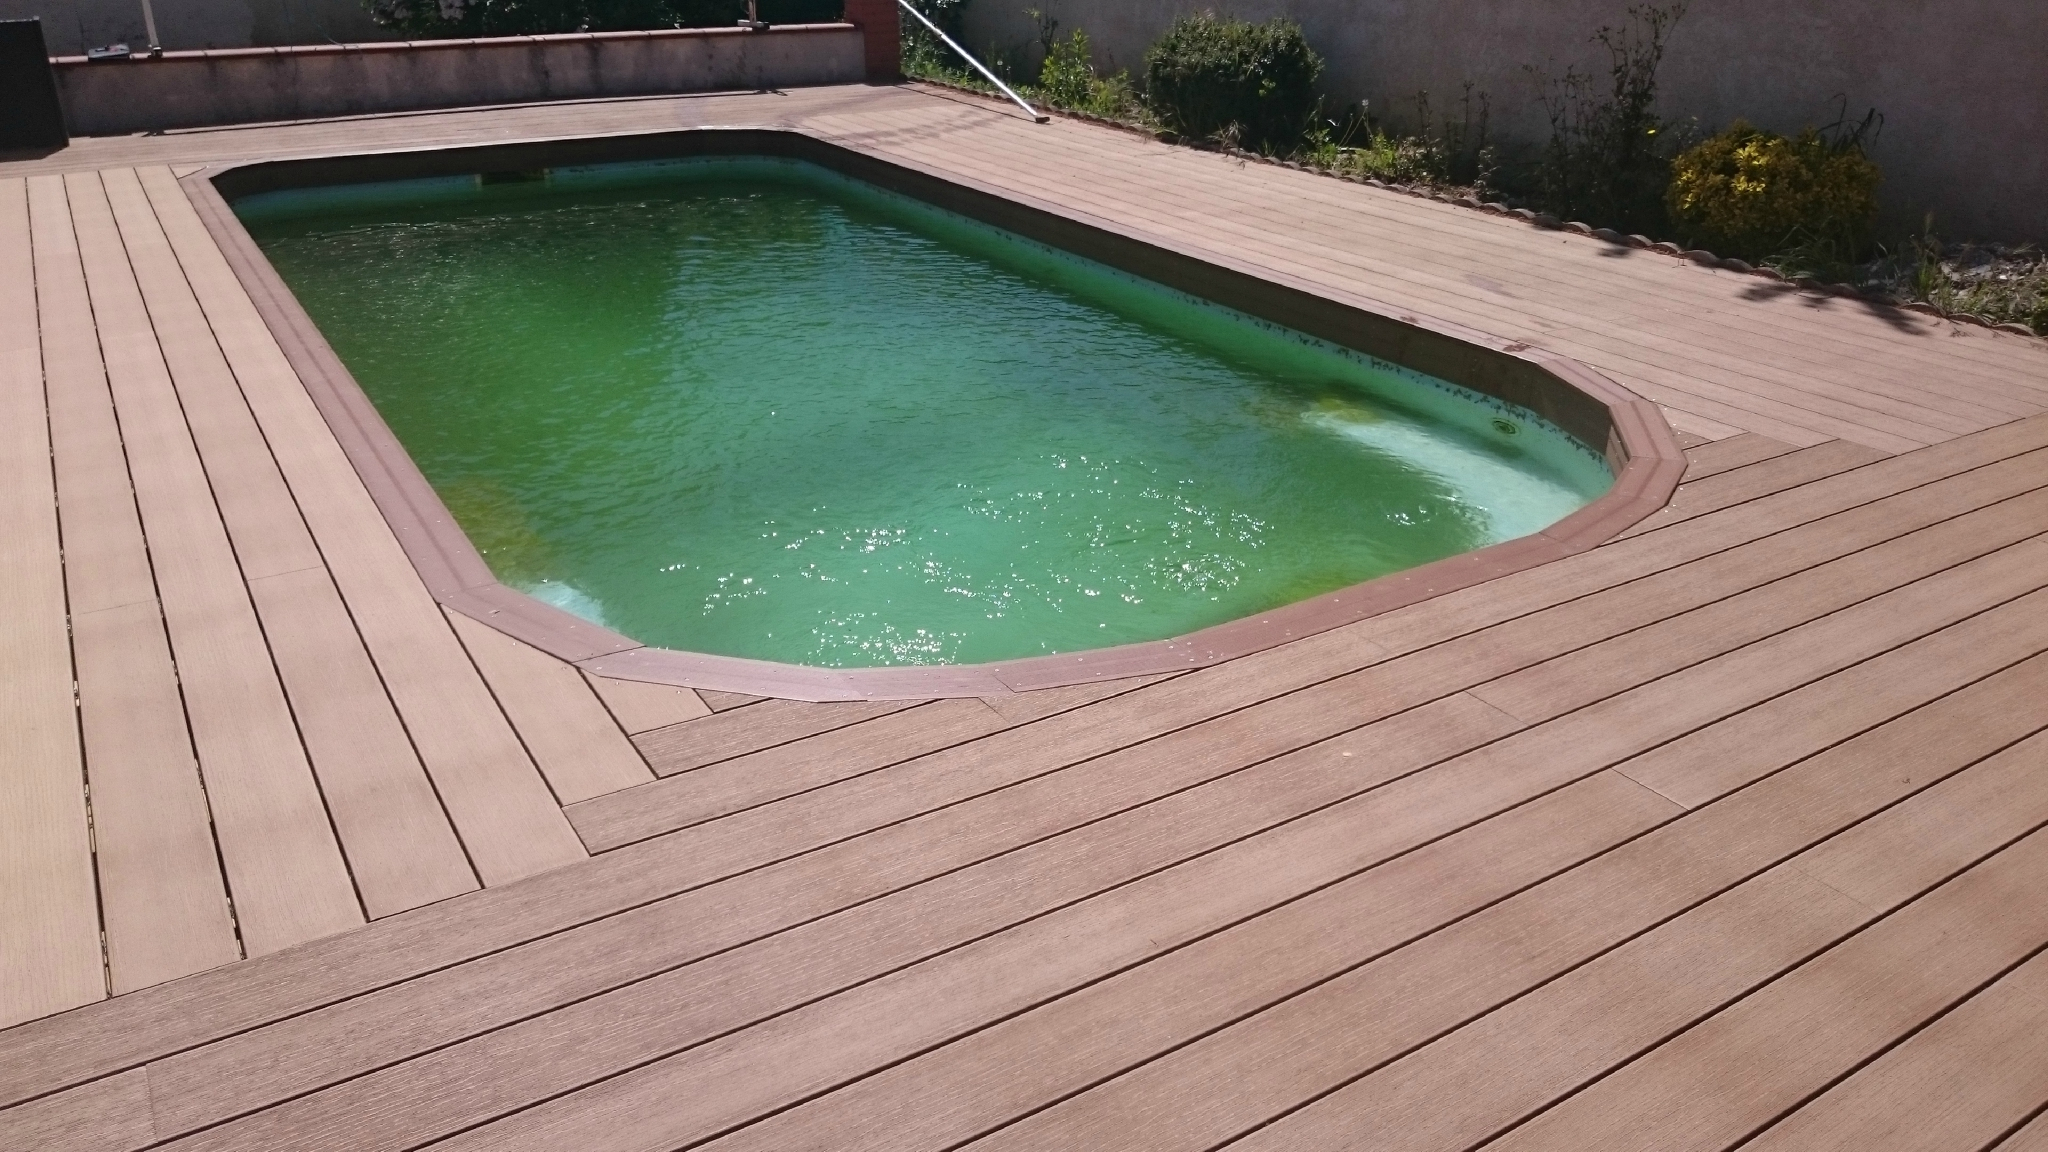 """Projet Terrasse Composite Pour Piscine """"Coque"""" = Rénovation ... concernant Pose Terrasse Bois Autour Piscine Coque"""